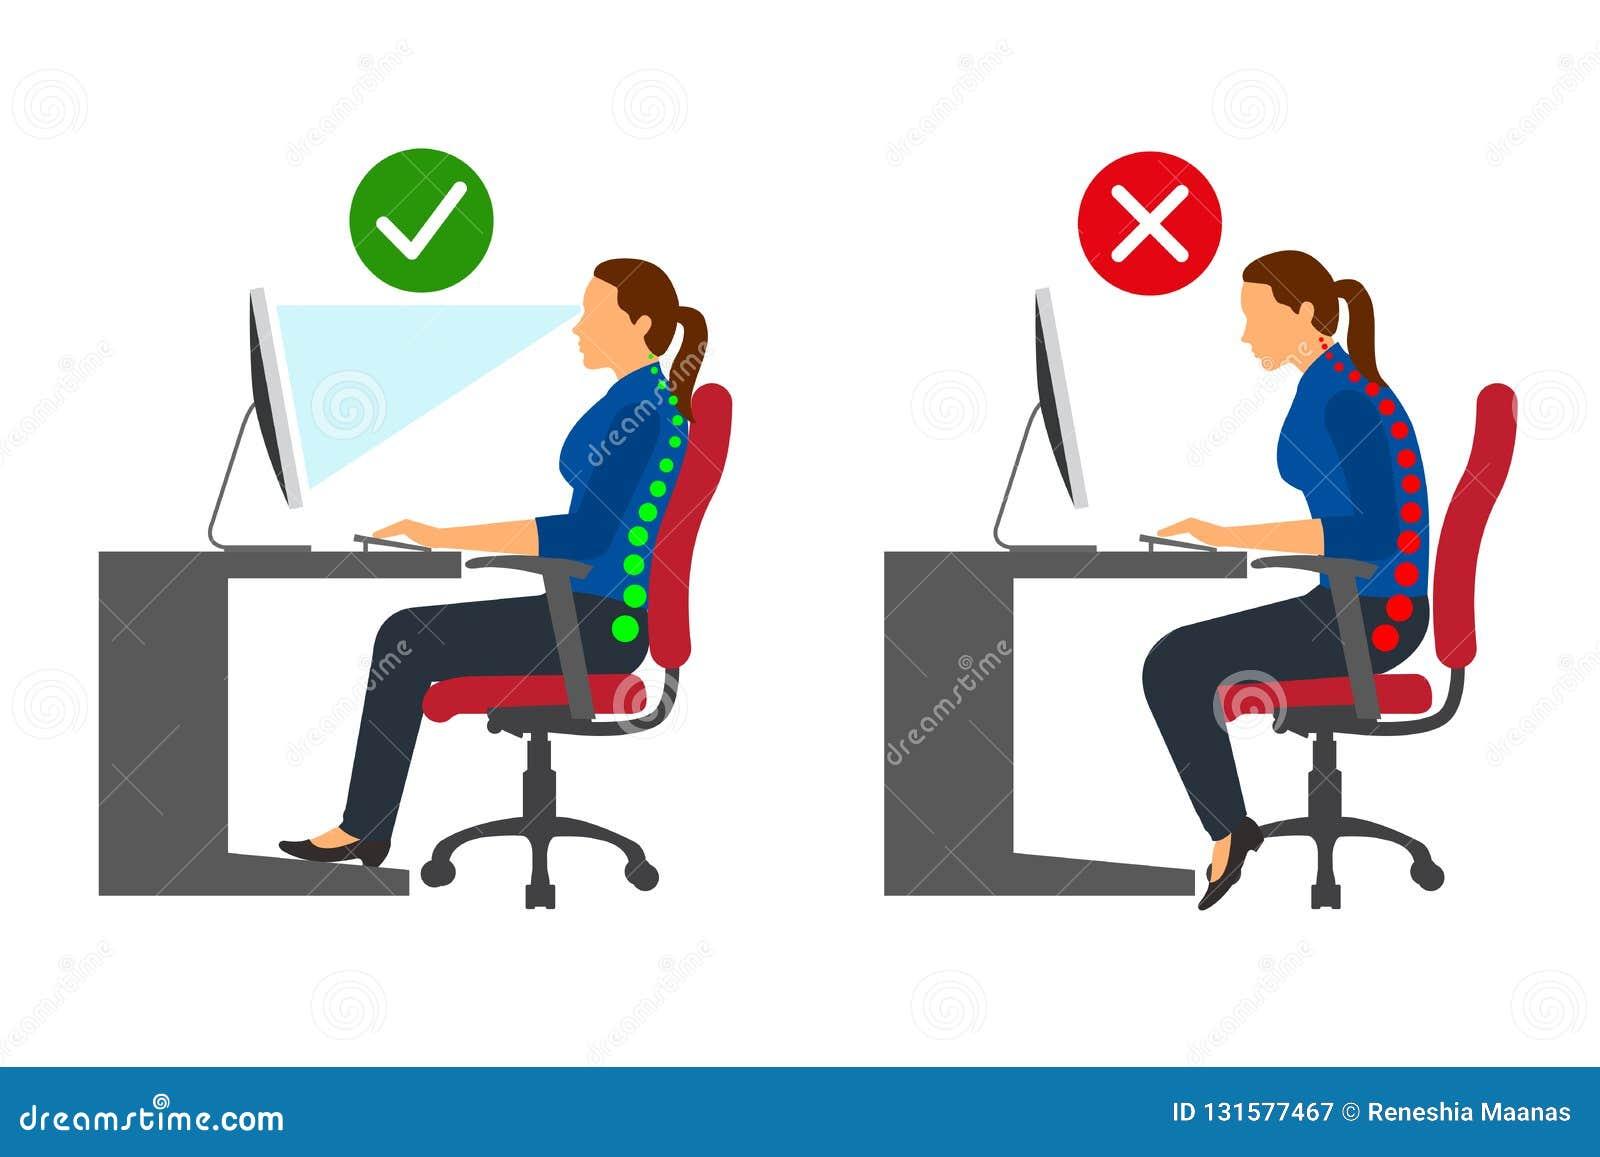 Ergonomía - posición sentada correcta e incorrecta de la mujer al usar un ordenador